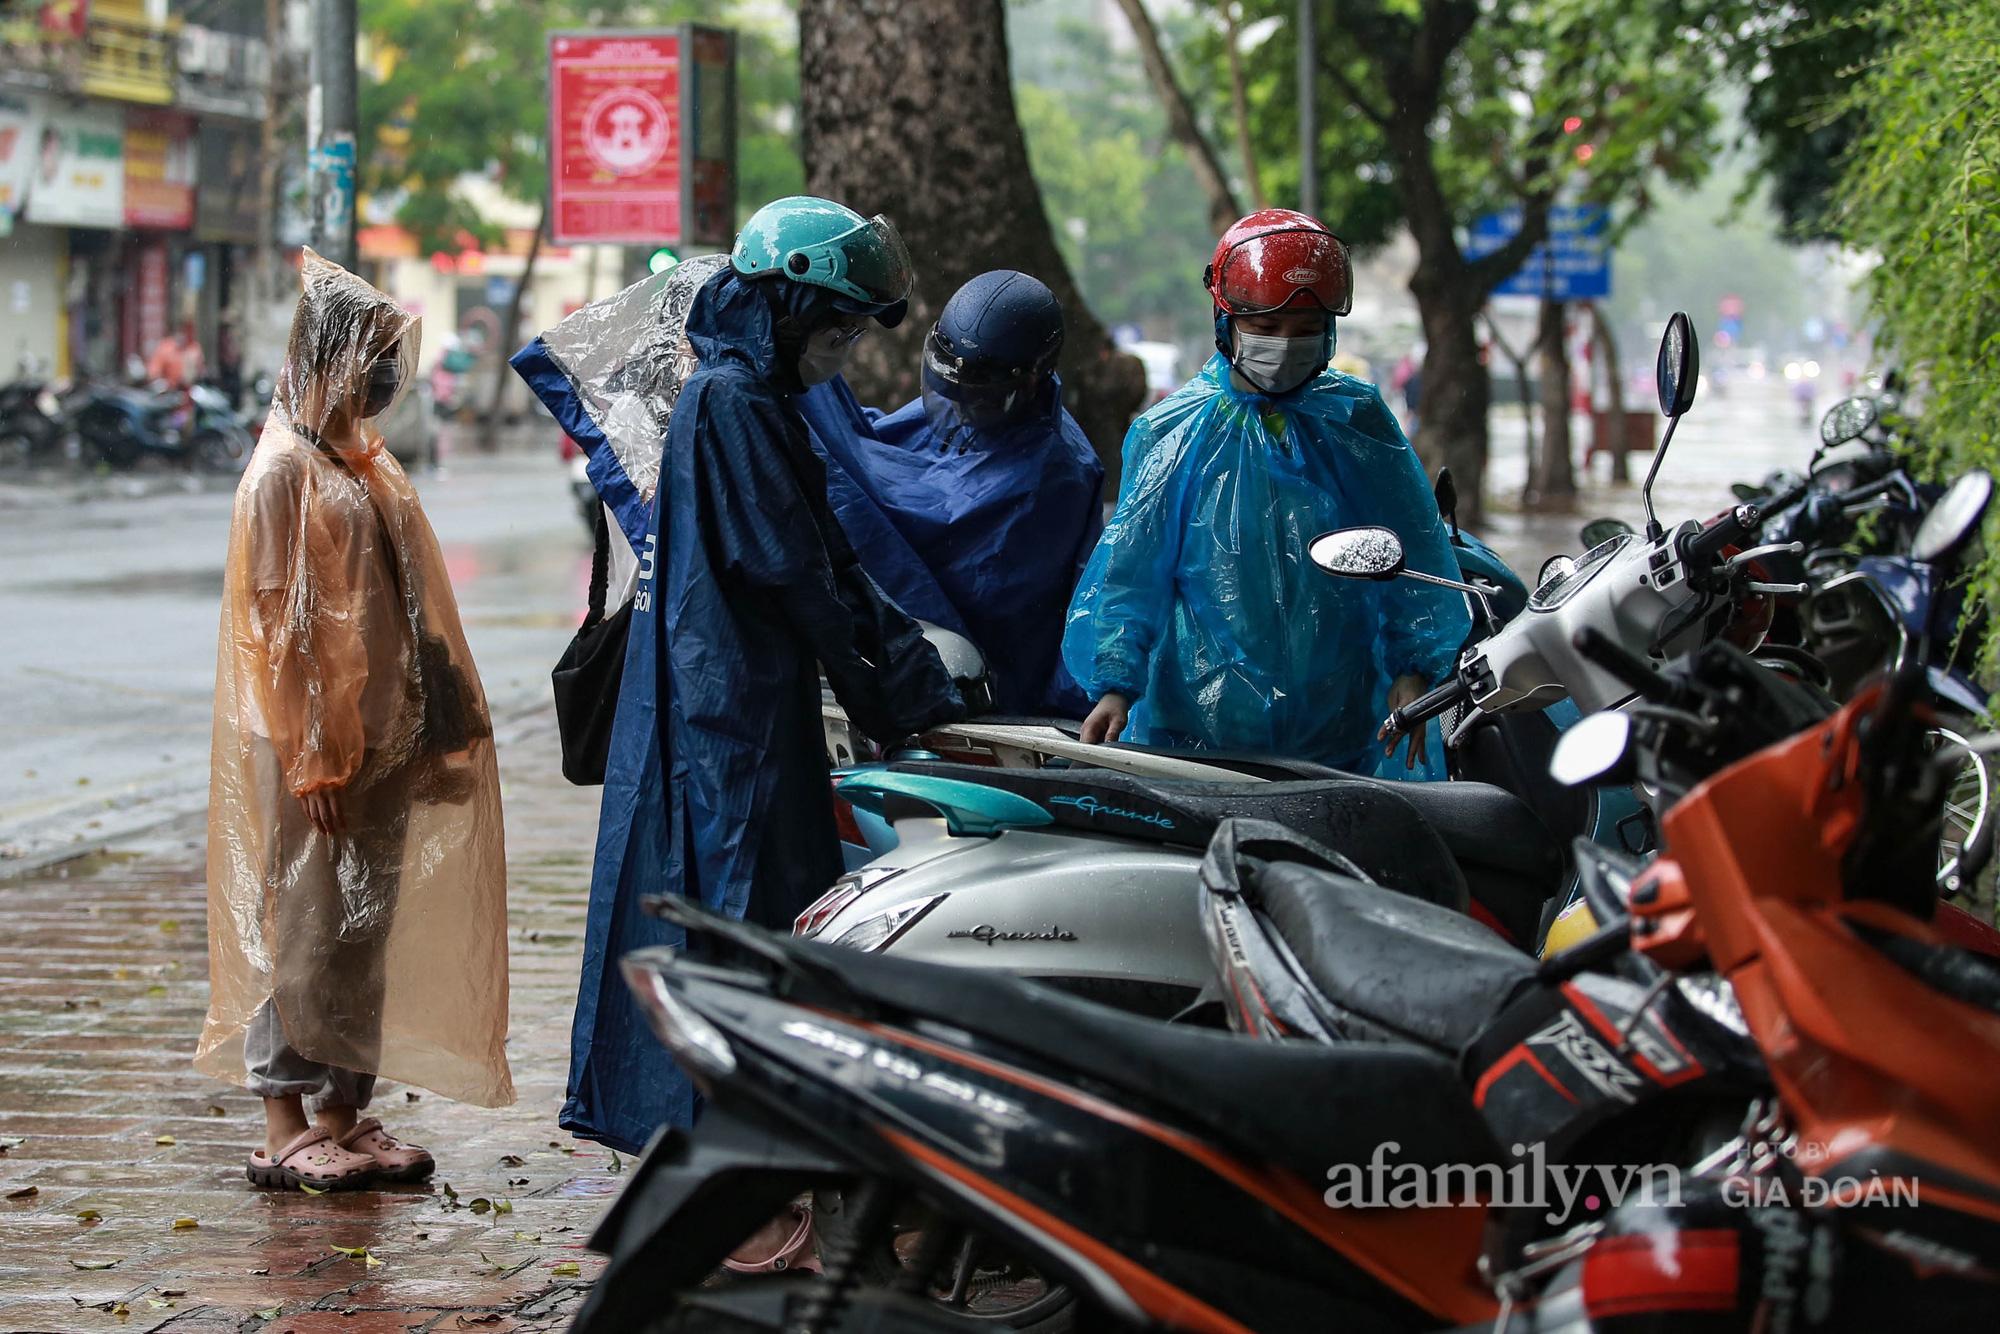 Phụ huynh, thí sinh ở Hà Nội đội mưa đi lễ cầu may trước ngày thi vào lớp 10 THPT - Ảnh 3.